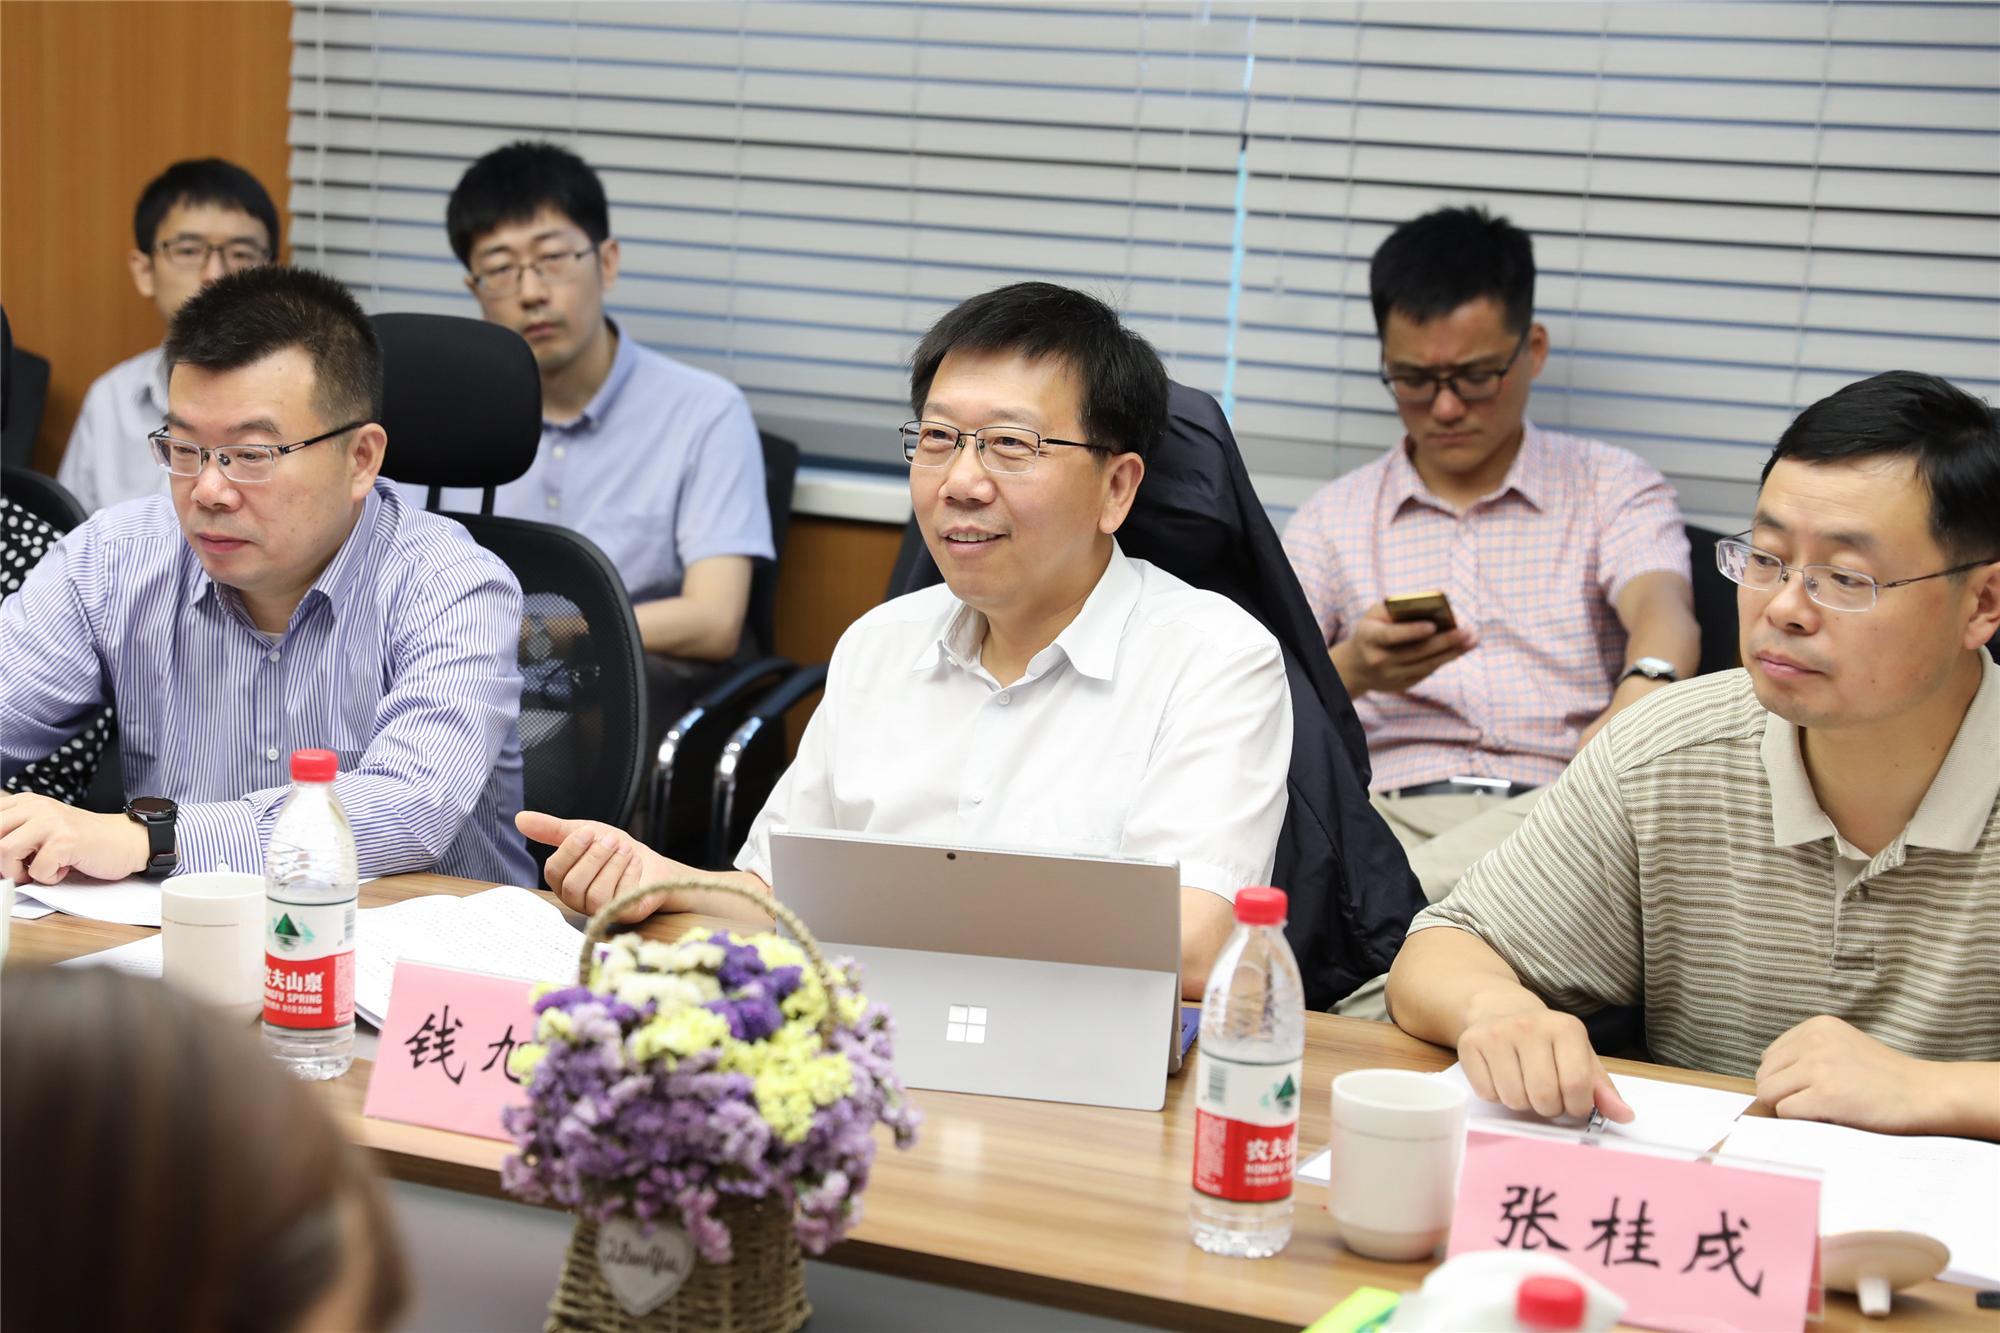 国家中长期科技发展规划重大问题研究咨询会在校召开